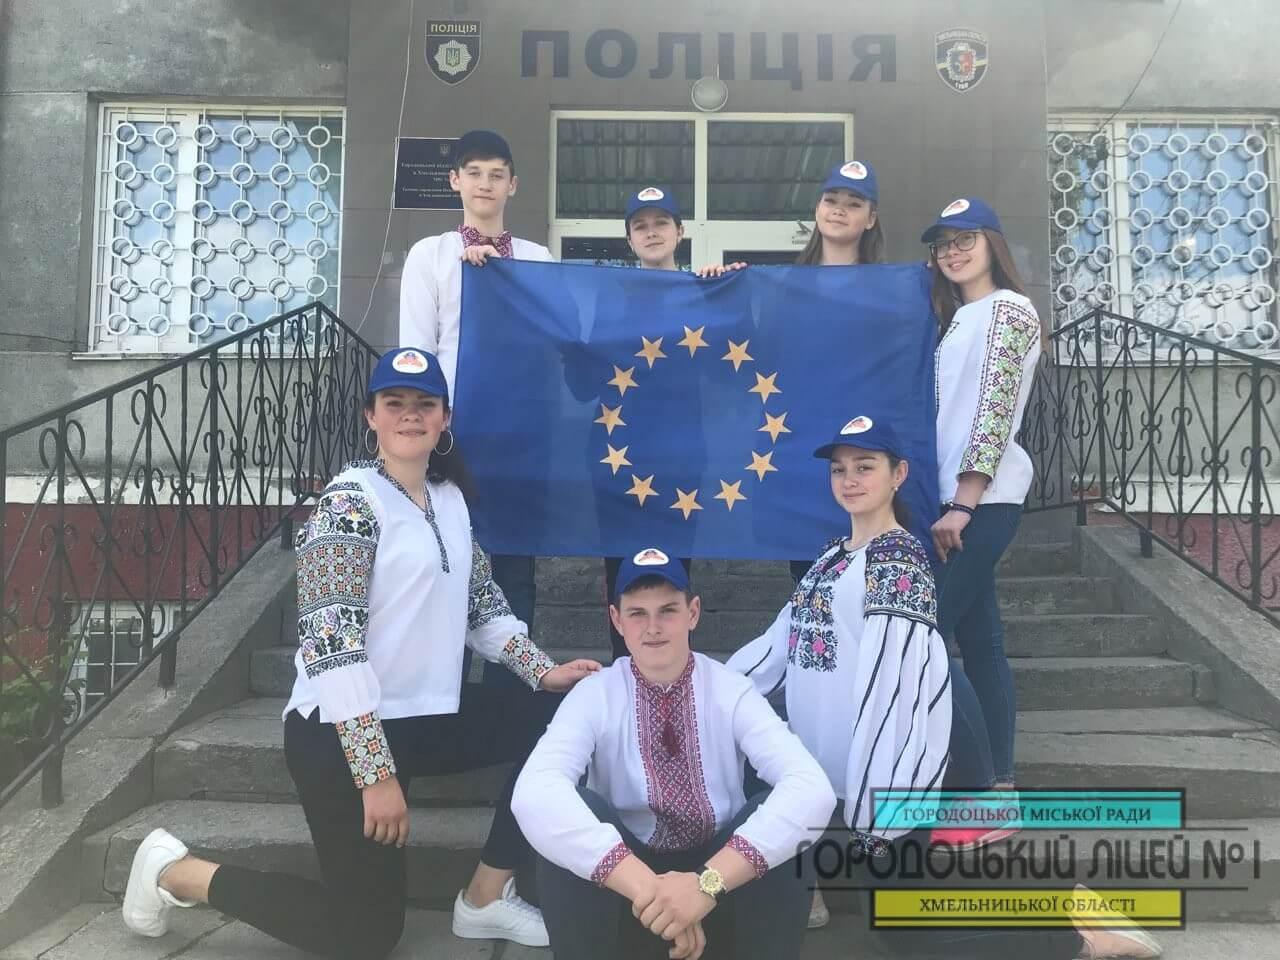 viber image 2019 05 15 21.19.23 - «Європа багатолика, єдина, близька, велика»